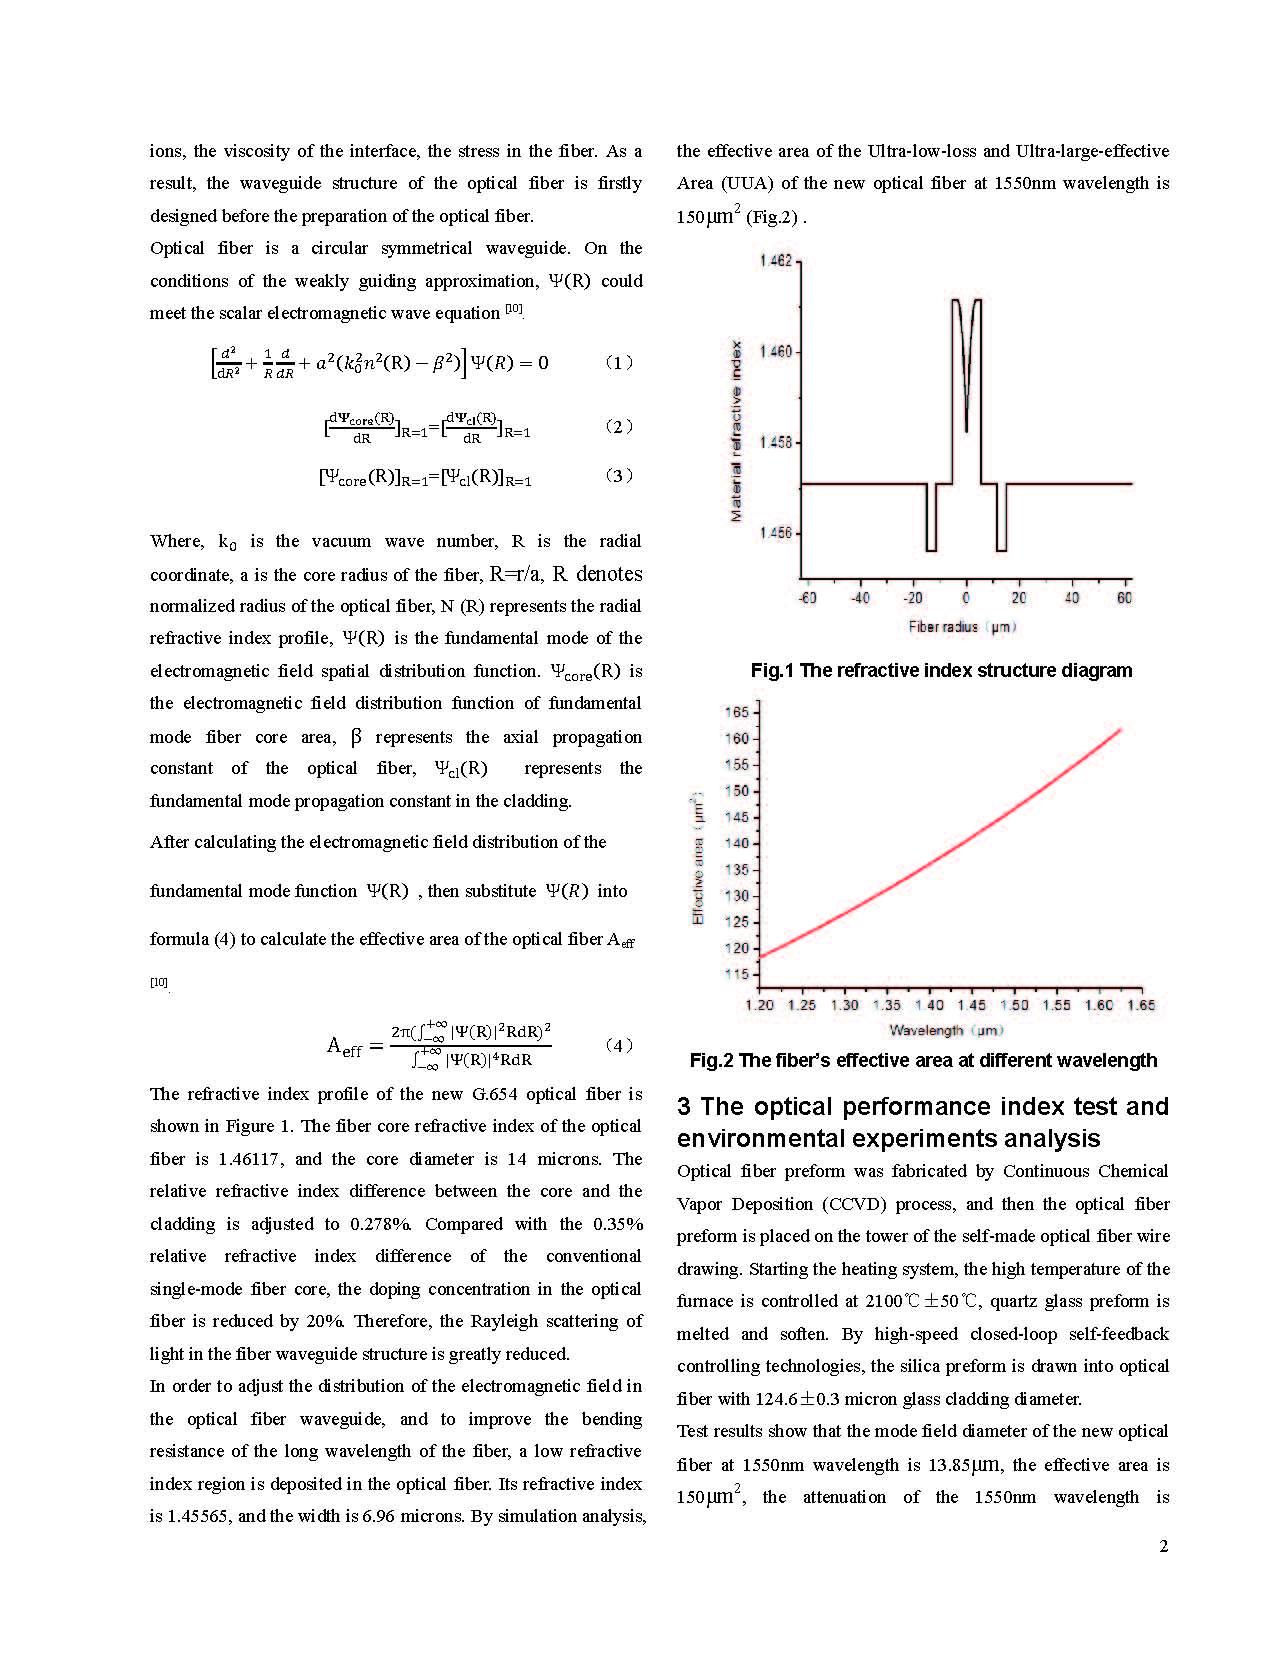 光纤技术文章_页面_2.jpg